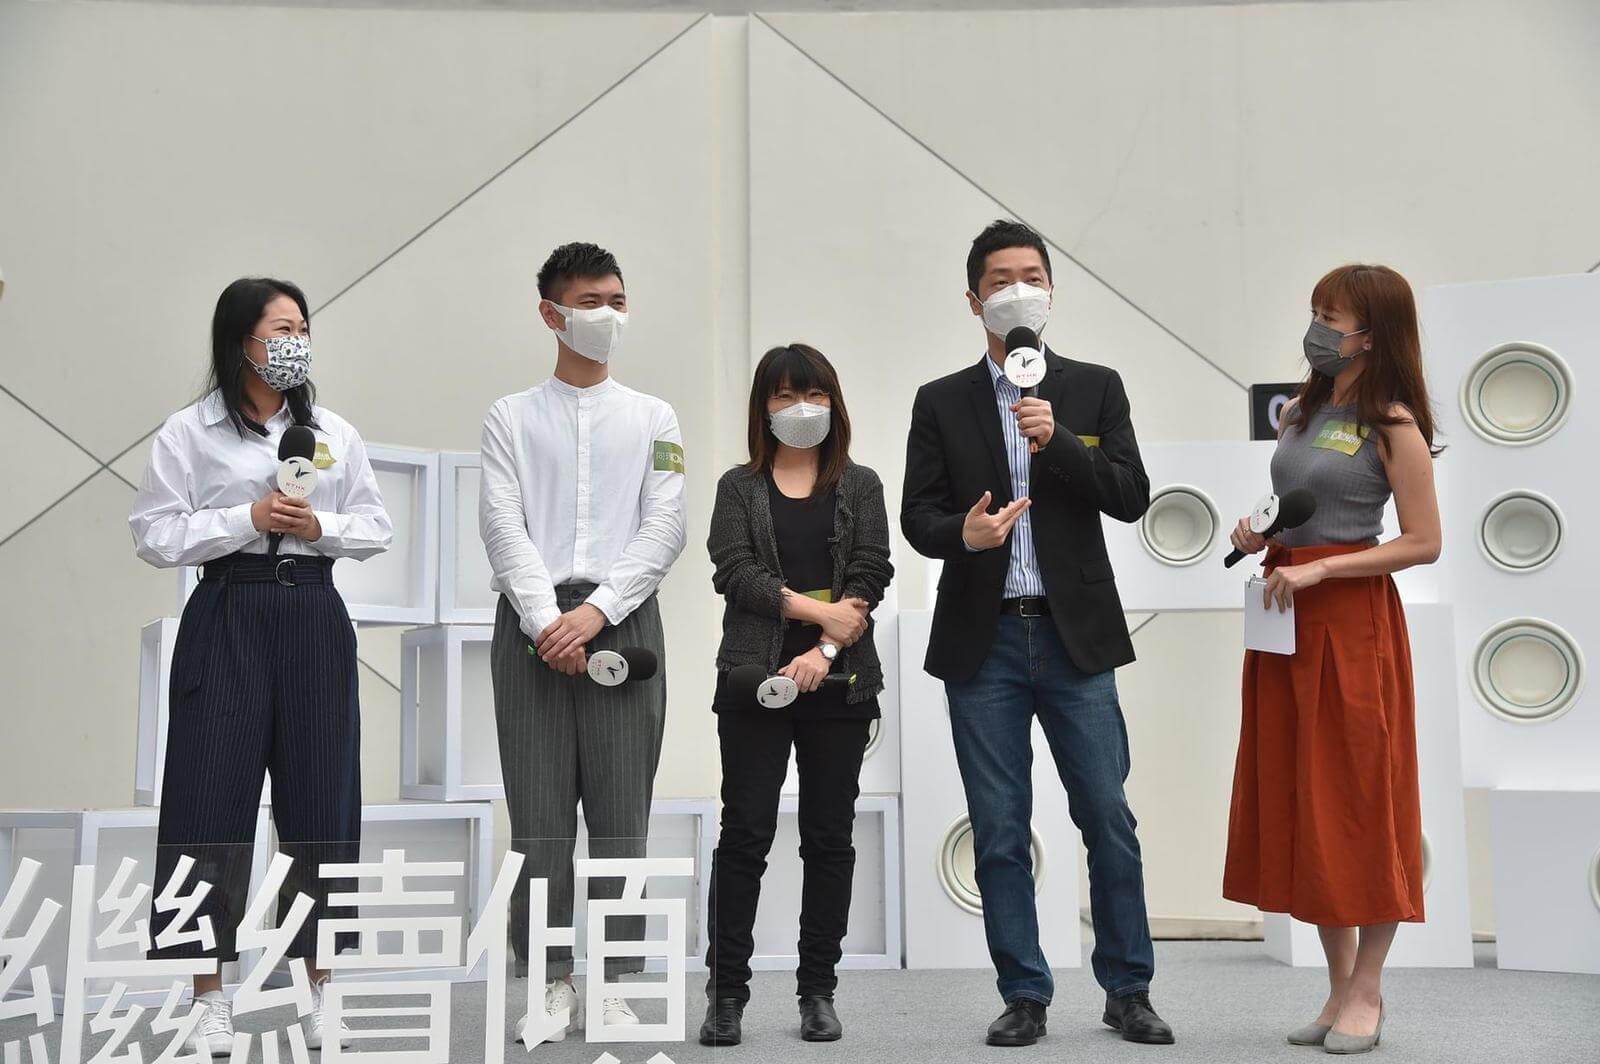 除了陳小芝,馬仔亦會聯同彭詠儀、陳景鴻一起主持新節目。